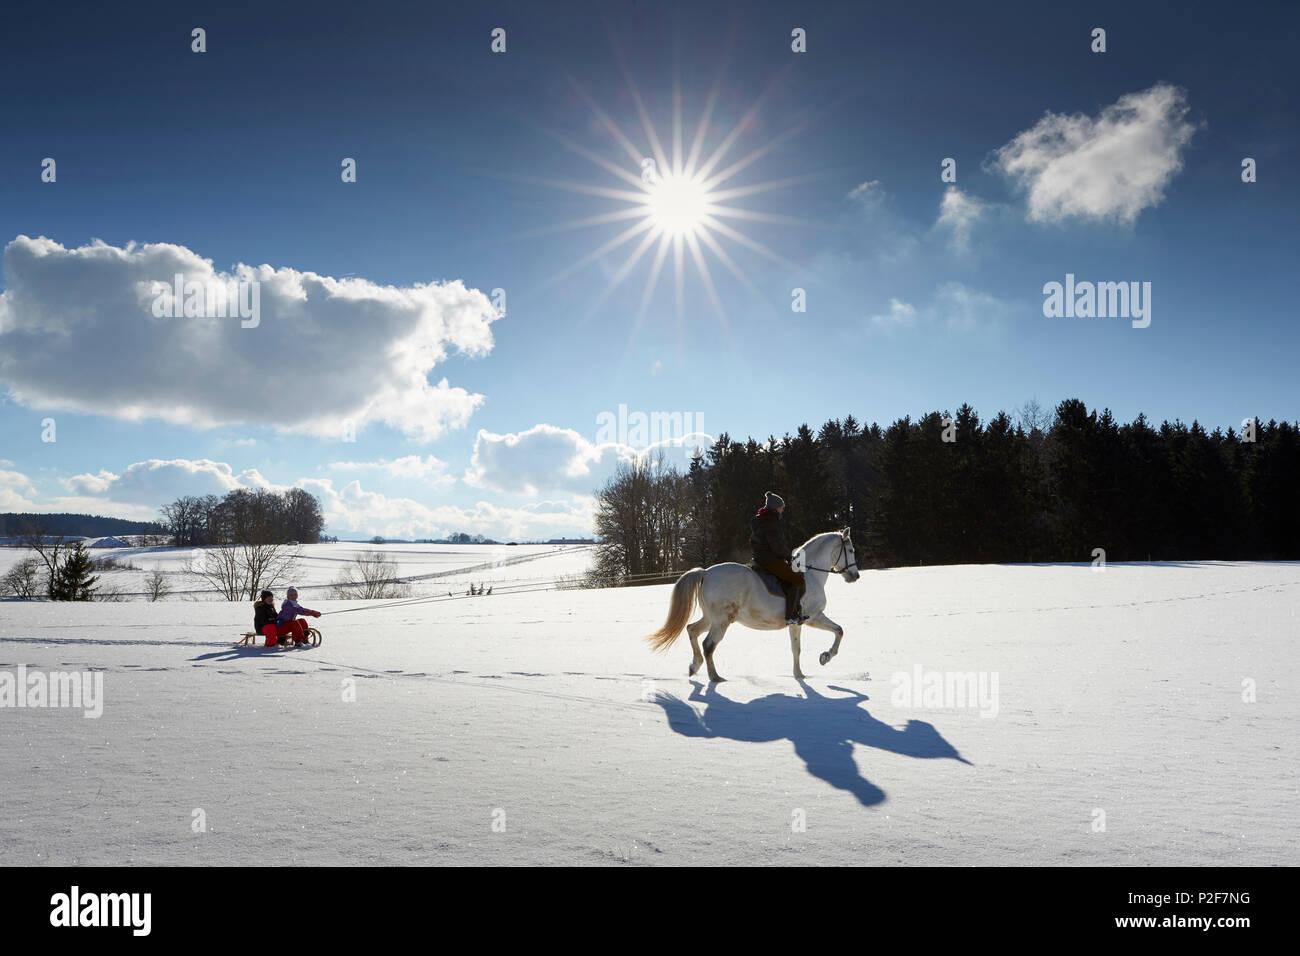 Mère sur le cheval tirant sur les enfants, luge, Buchensee Muensing, Bavaria Allemagne Photo Stock